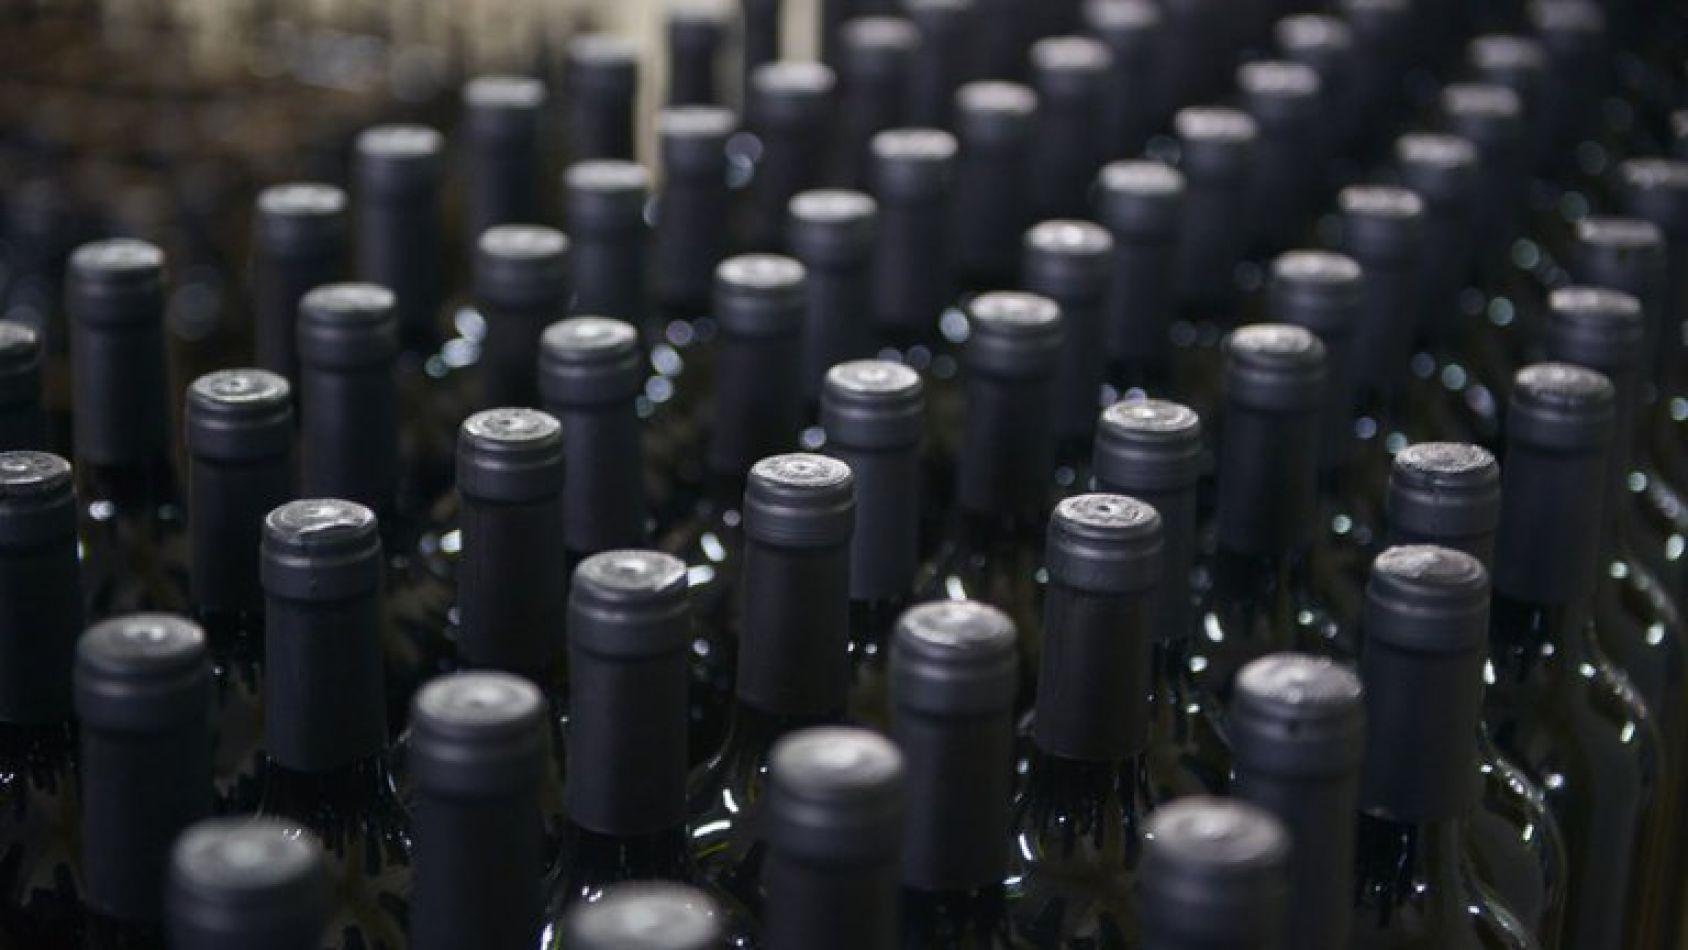 El consumo de vino aumentó 6,5% en 2020, la mayor suba en cinco años